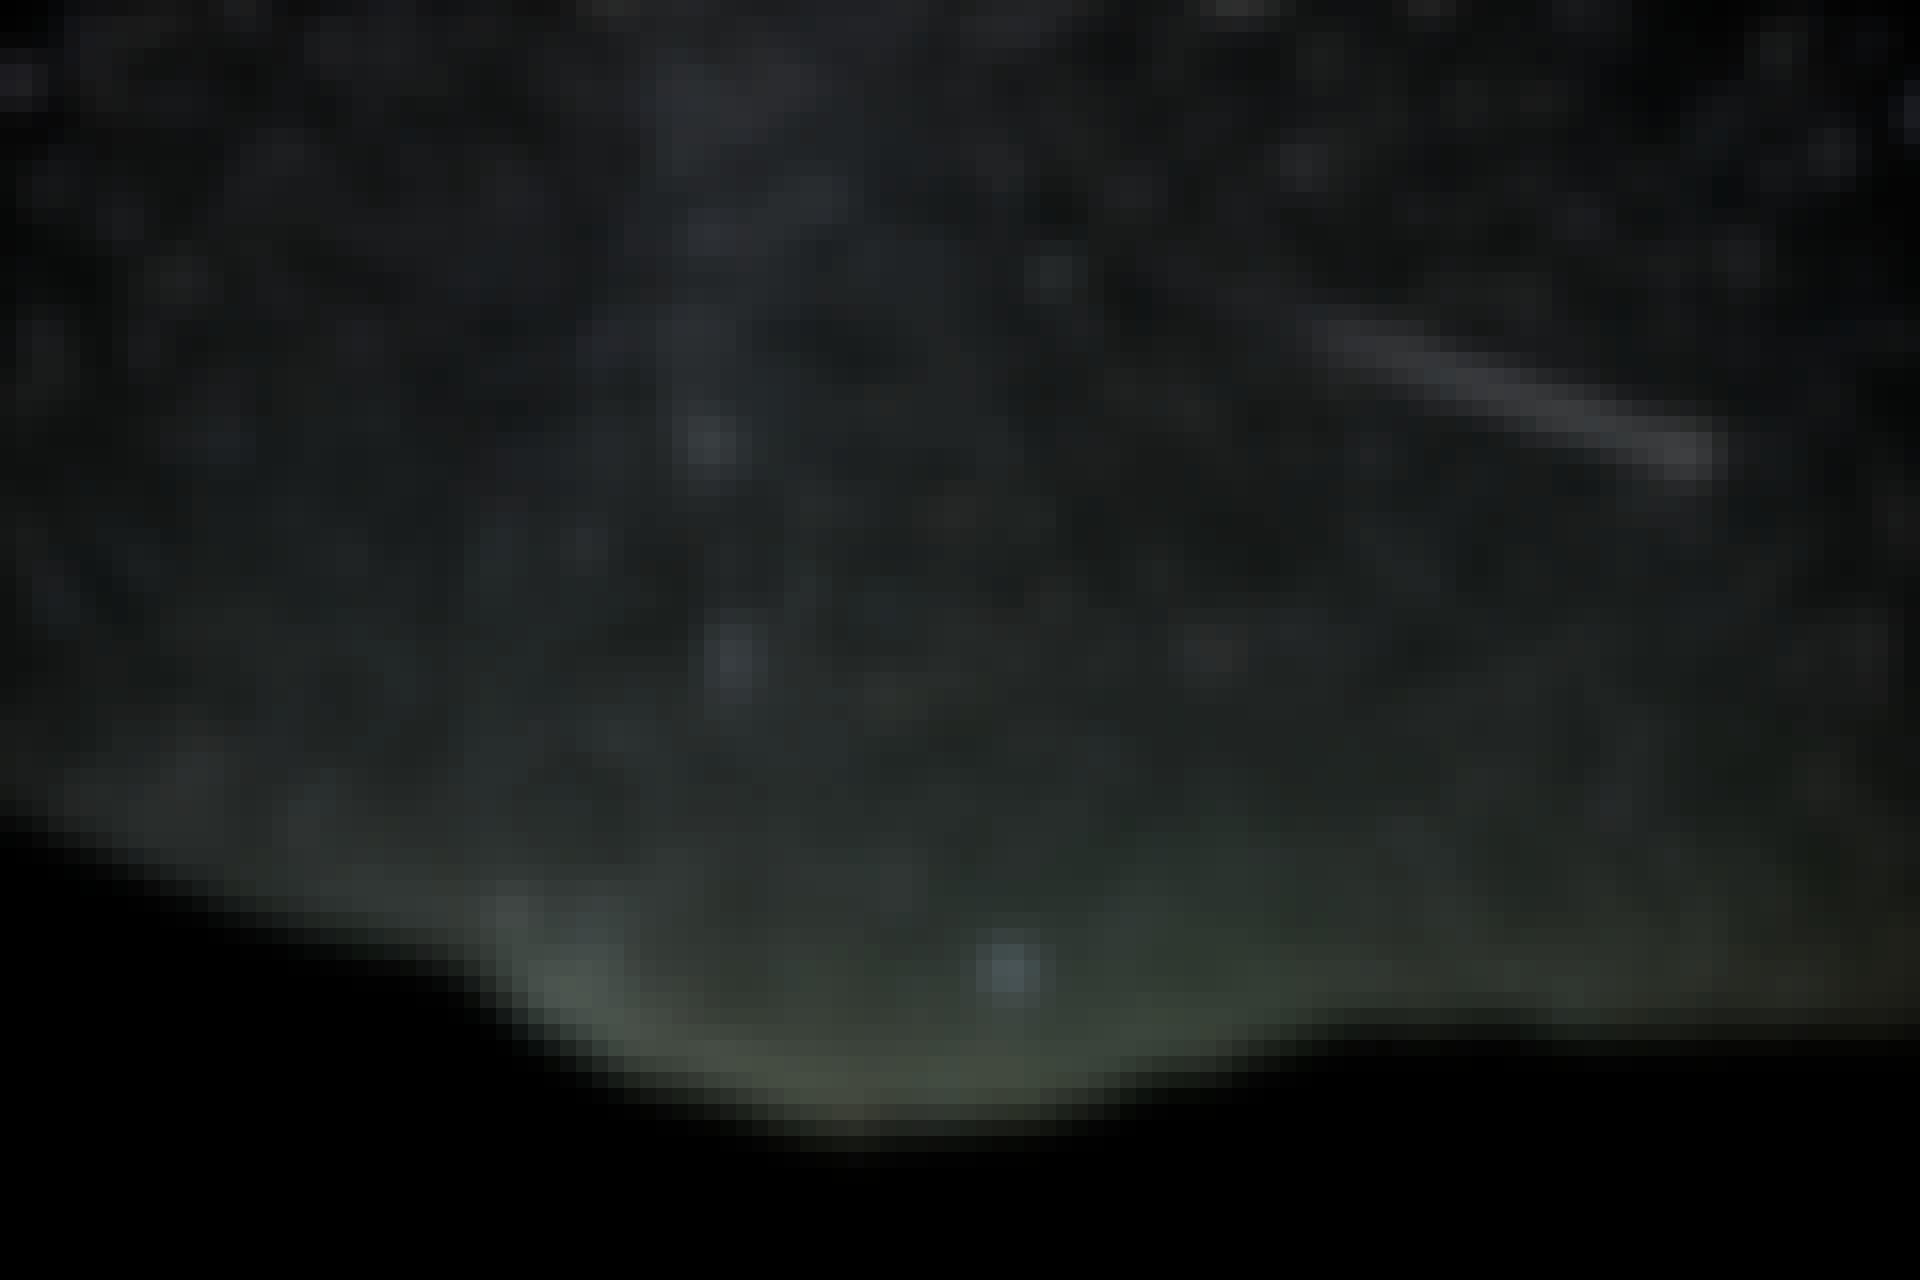 Stjerneskud - Hvorfor er der flest stjerneskud på bestemte dage?